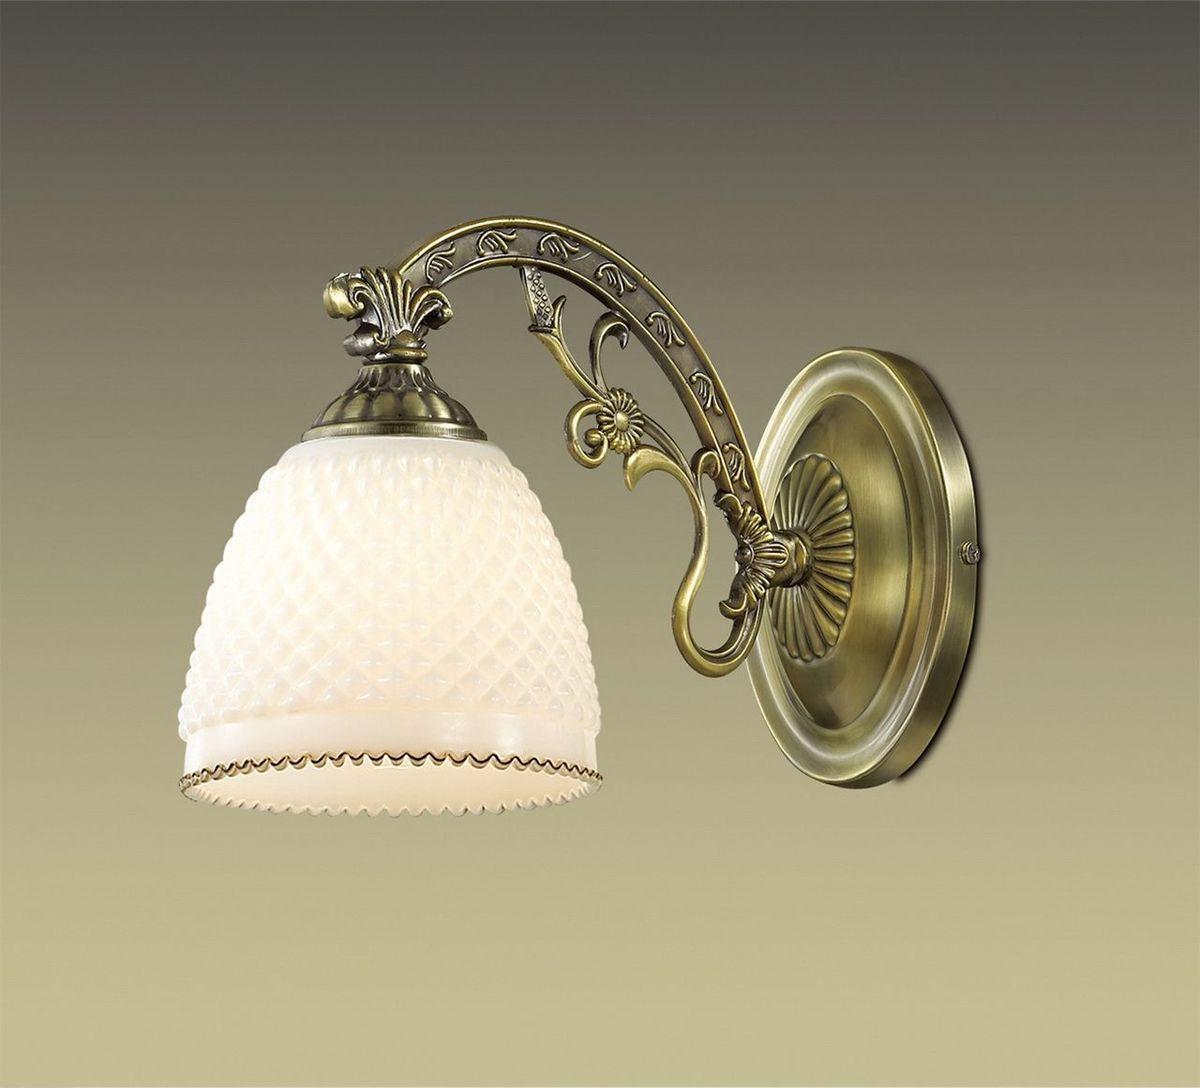 Бра Odeon Light Masala, 1 х E14, 40W. 2868/1W2868/1WИтальянские мастера по производству светотехники славятся крайне ответственным отношением к качеству и долговечности выпускаемой продукции. Использование только лучших материалов и тщательная проверка всех изделий исключает выпуск товаров ненадлежащего качества. Одним из наглядных примеров эффективности такого подхода является настенное бра Odeon Light Masala. Данный светильник сочетает в себе не только отличные технические характеристики и аккуратность исполнения, но и оригинальность внешнего вида. Дизайн конструкции выполнен с использованием форм и цветов, характерных для стиля классика. Изготовленный из металла корпус бронзового цвета органично сочетается с плафоном из стекла. Нельзя не сказать и о прекрасной функциональности данного бра. Благодаря достаточно высокой мощности в 40 Вт, светильник способен освещать пространство площадью до 2,2 кв.м. Используя бра Odeon Light Masala, можно создать уютный и комфортный уголок для полноценного отдыха, тихих вечеров в компании с увлекательной книгой, занятий творчеством или продуктивной работы. Изделие прекрасно подойдет для размещения в гостиной, прихожей или спальне и будет многие годы радовать вас надежным освещением и своим симпатичным внешним видом.